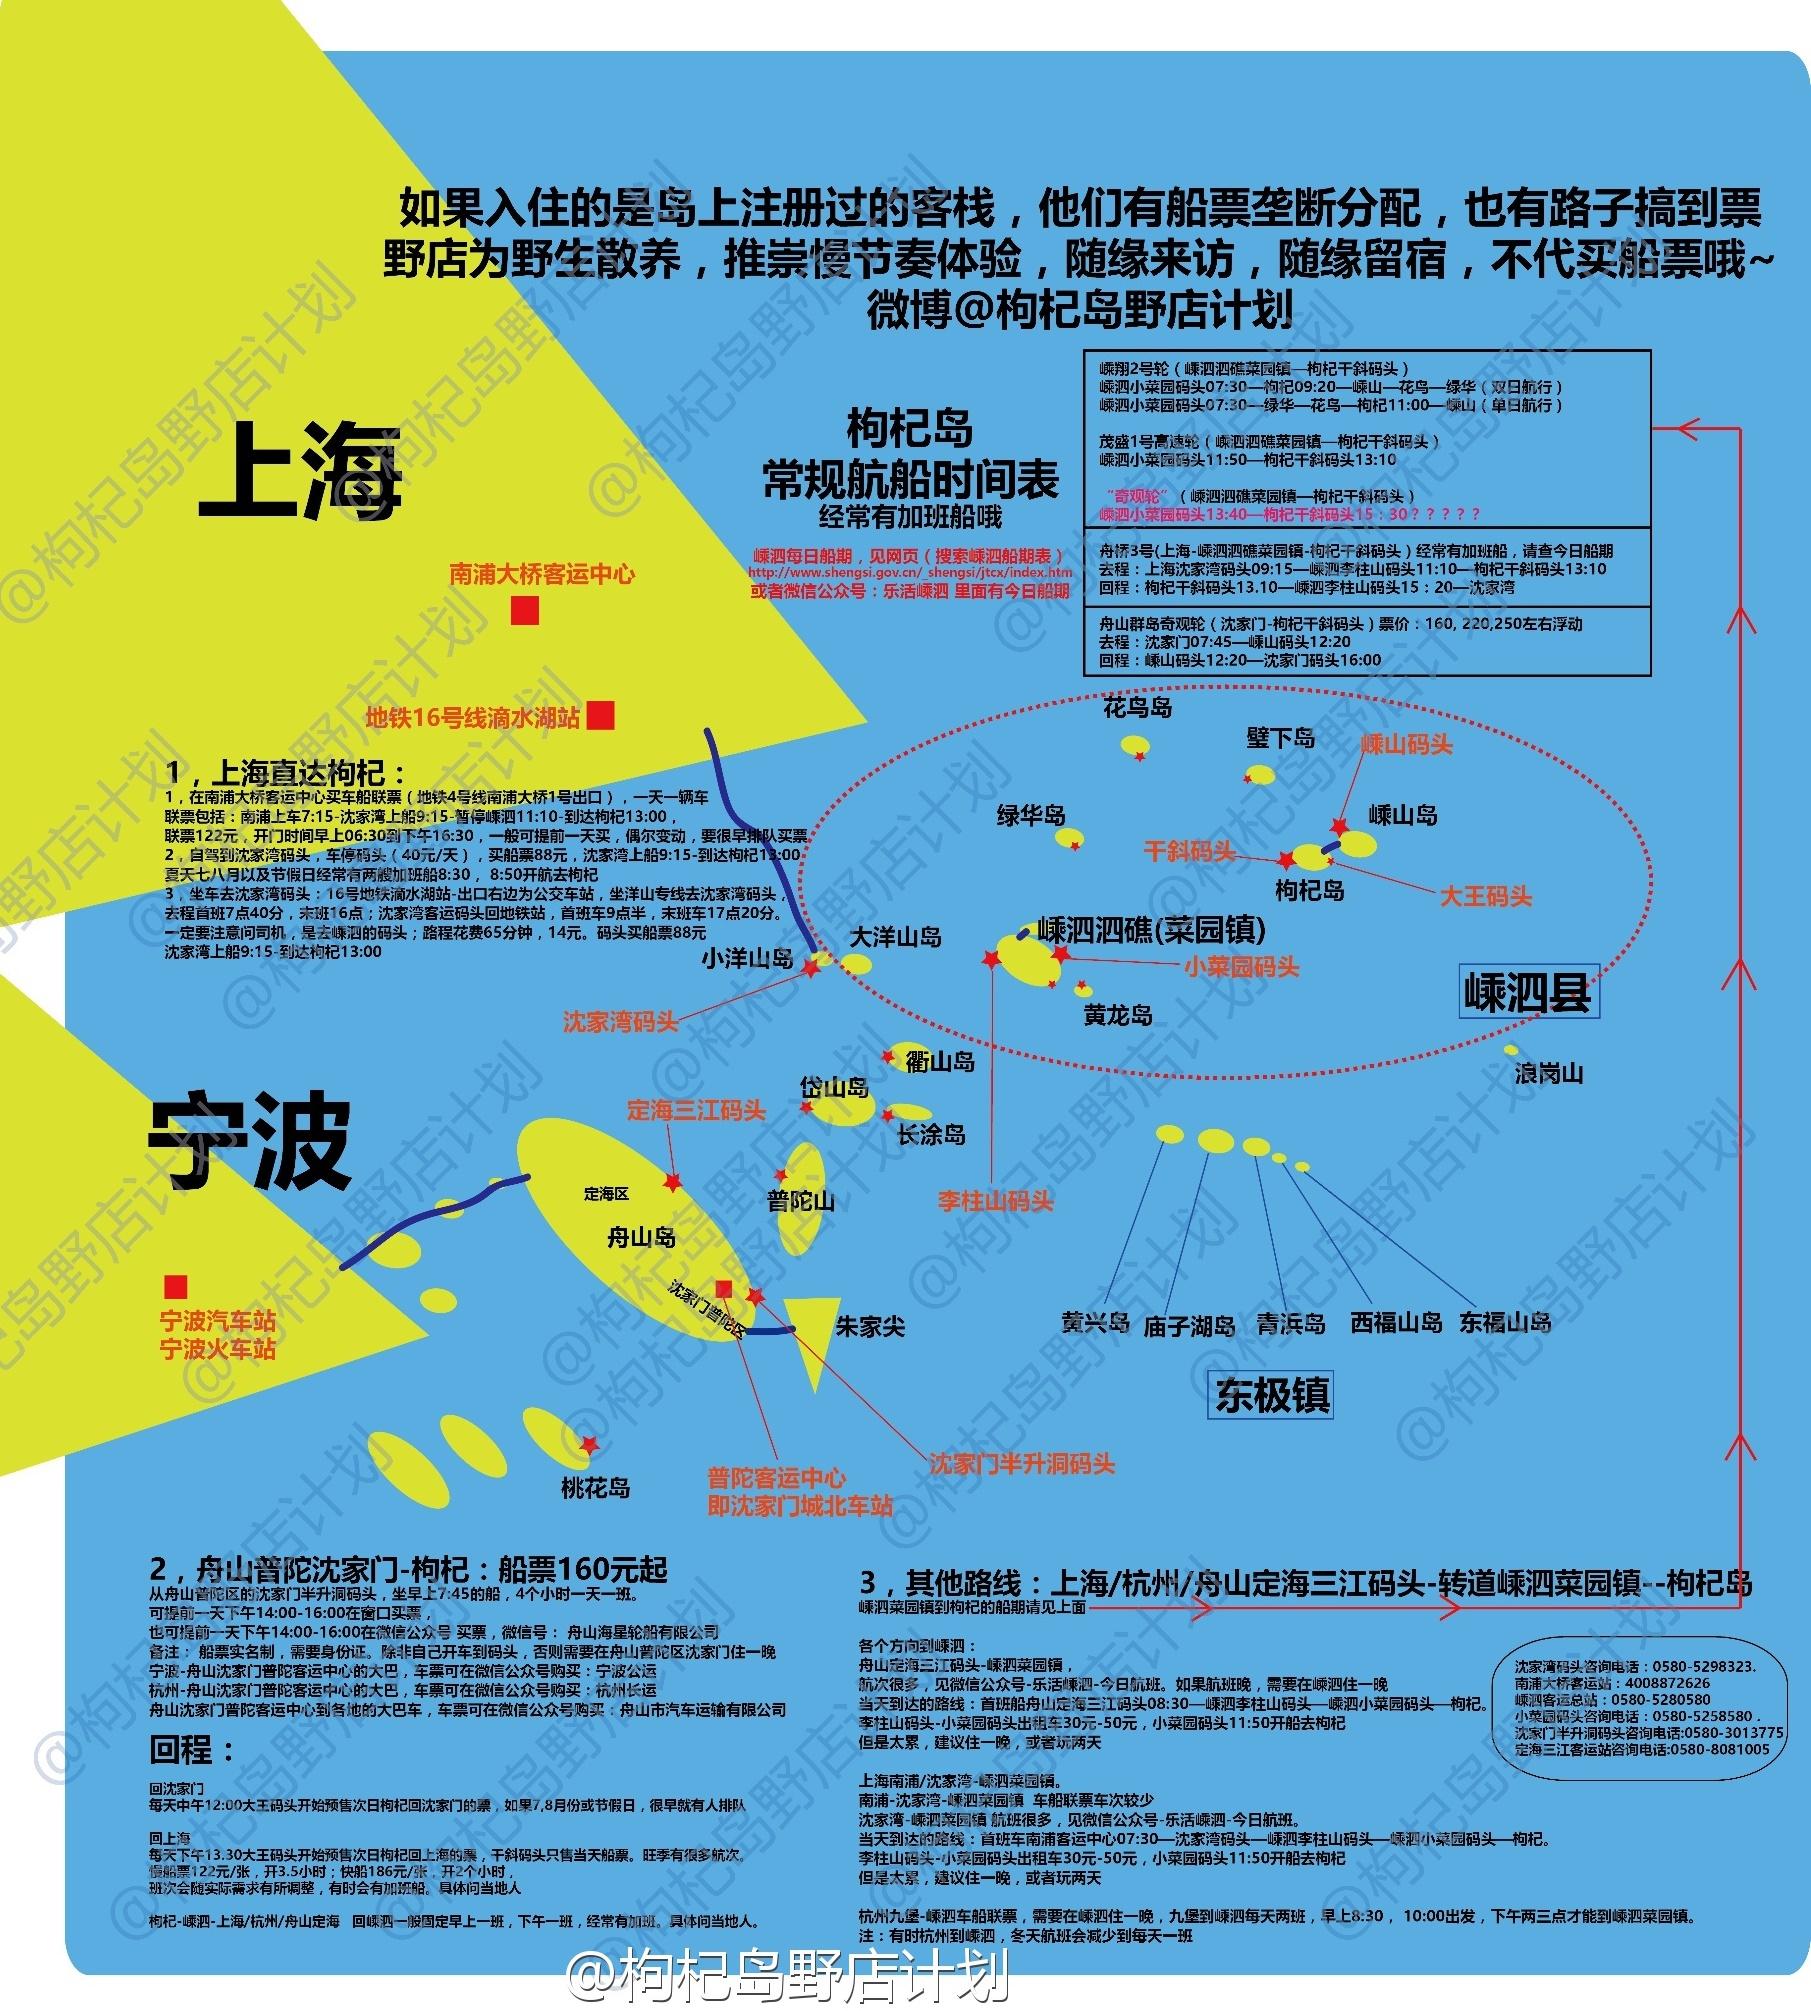 枸杞岛嵊山岛:超详细的交通+俯拍全岛地图+游览备注_游记